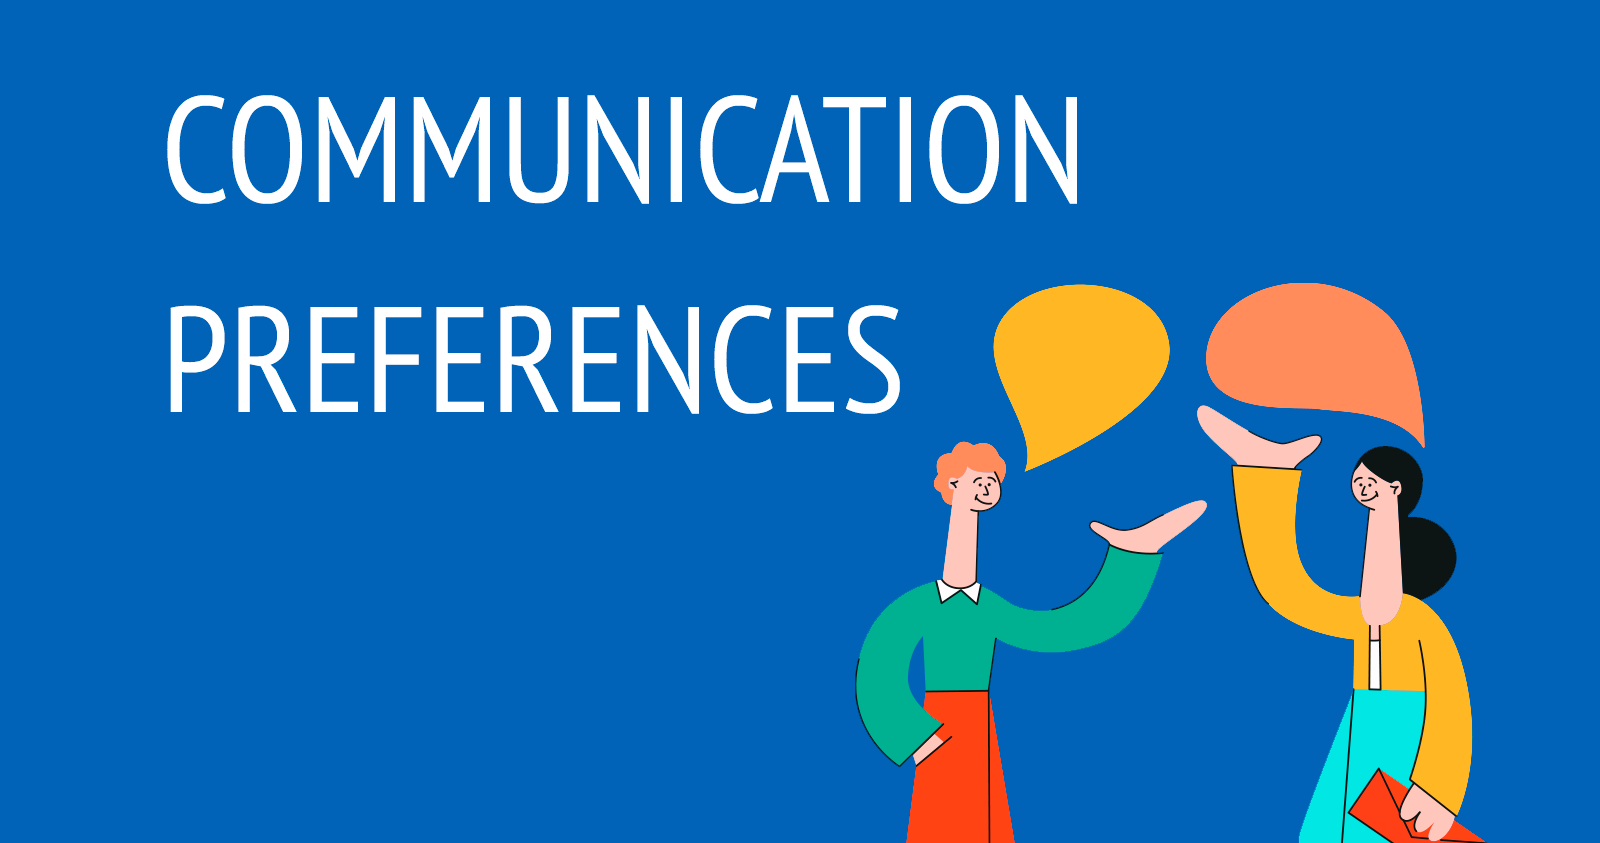 Preferencia de comunicacion